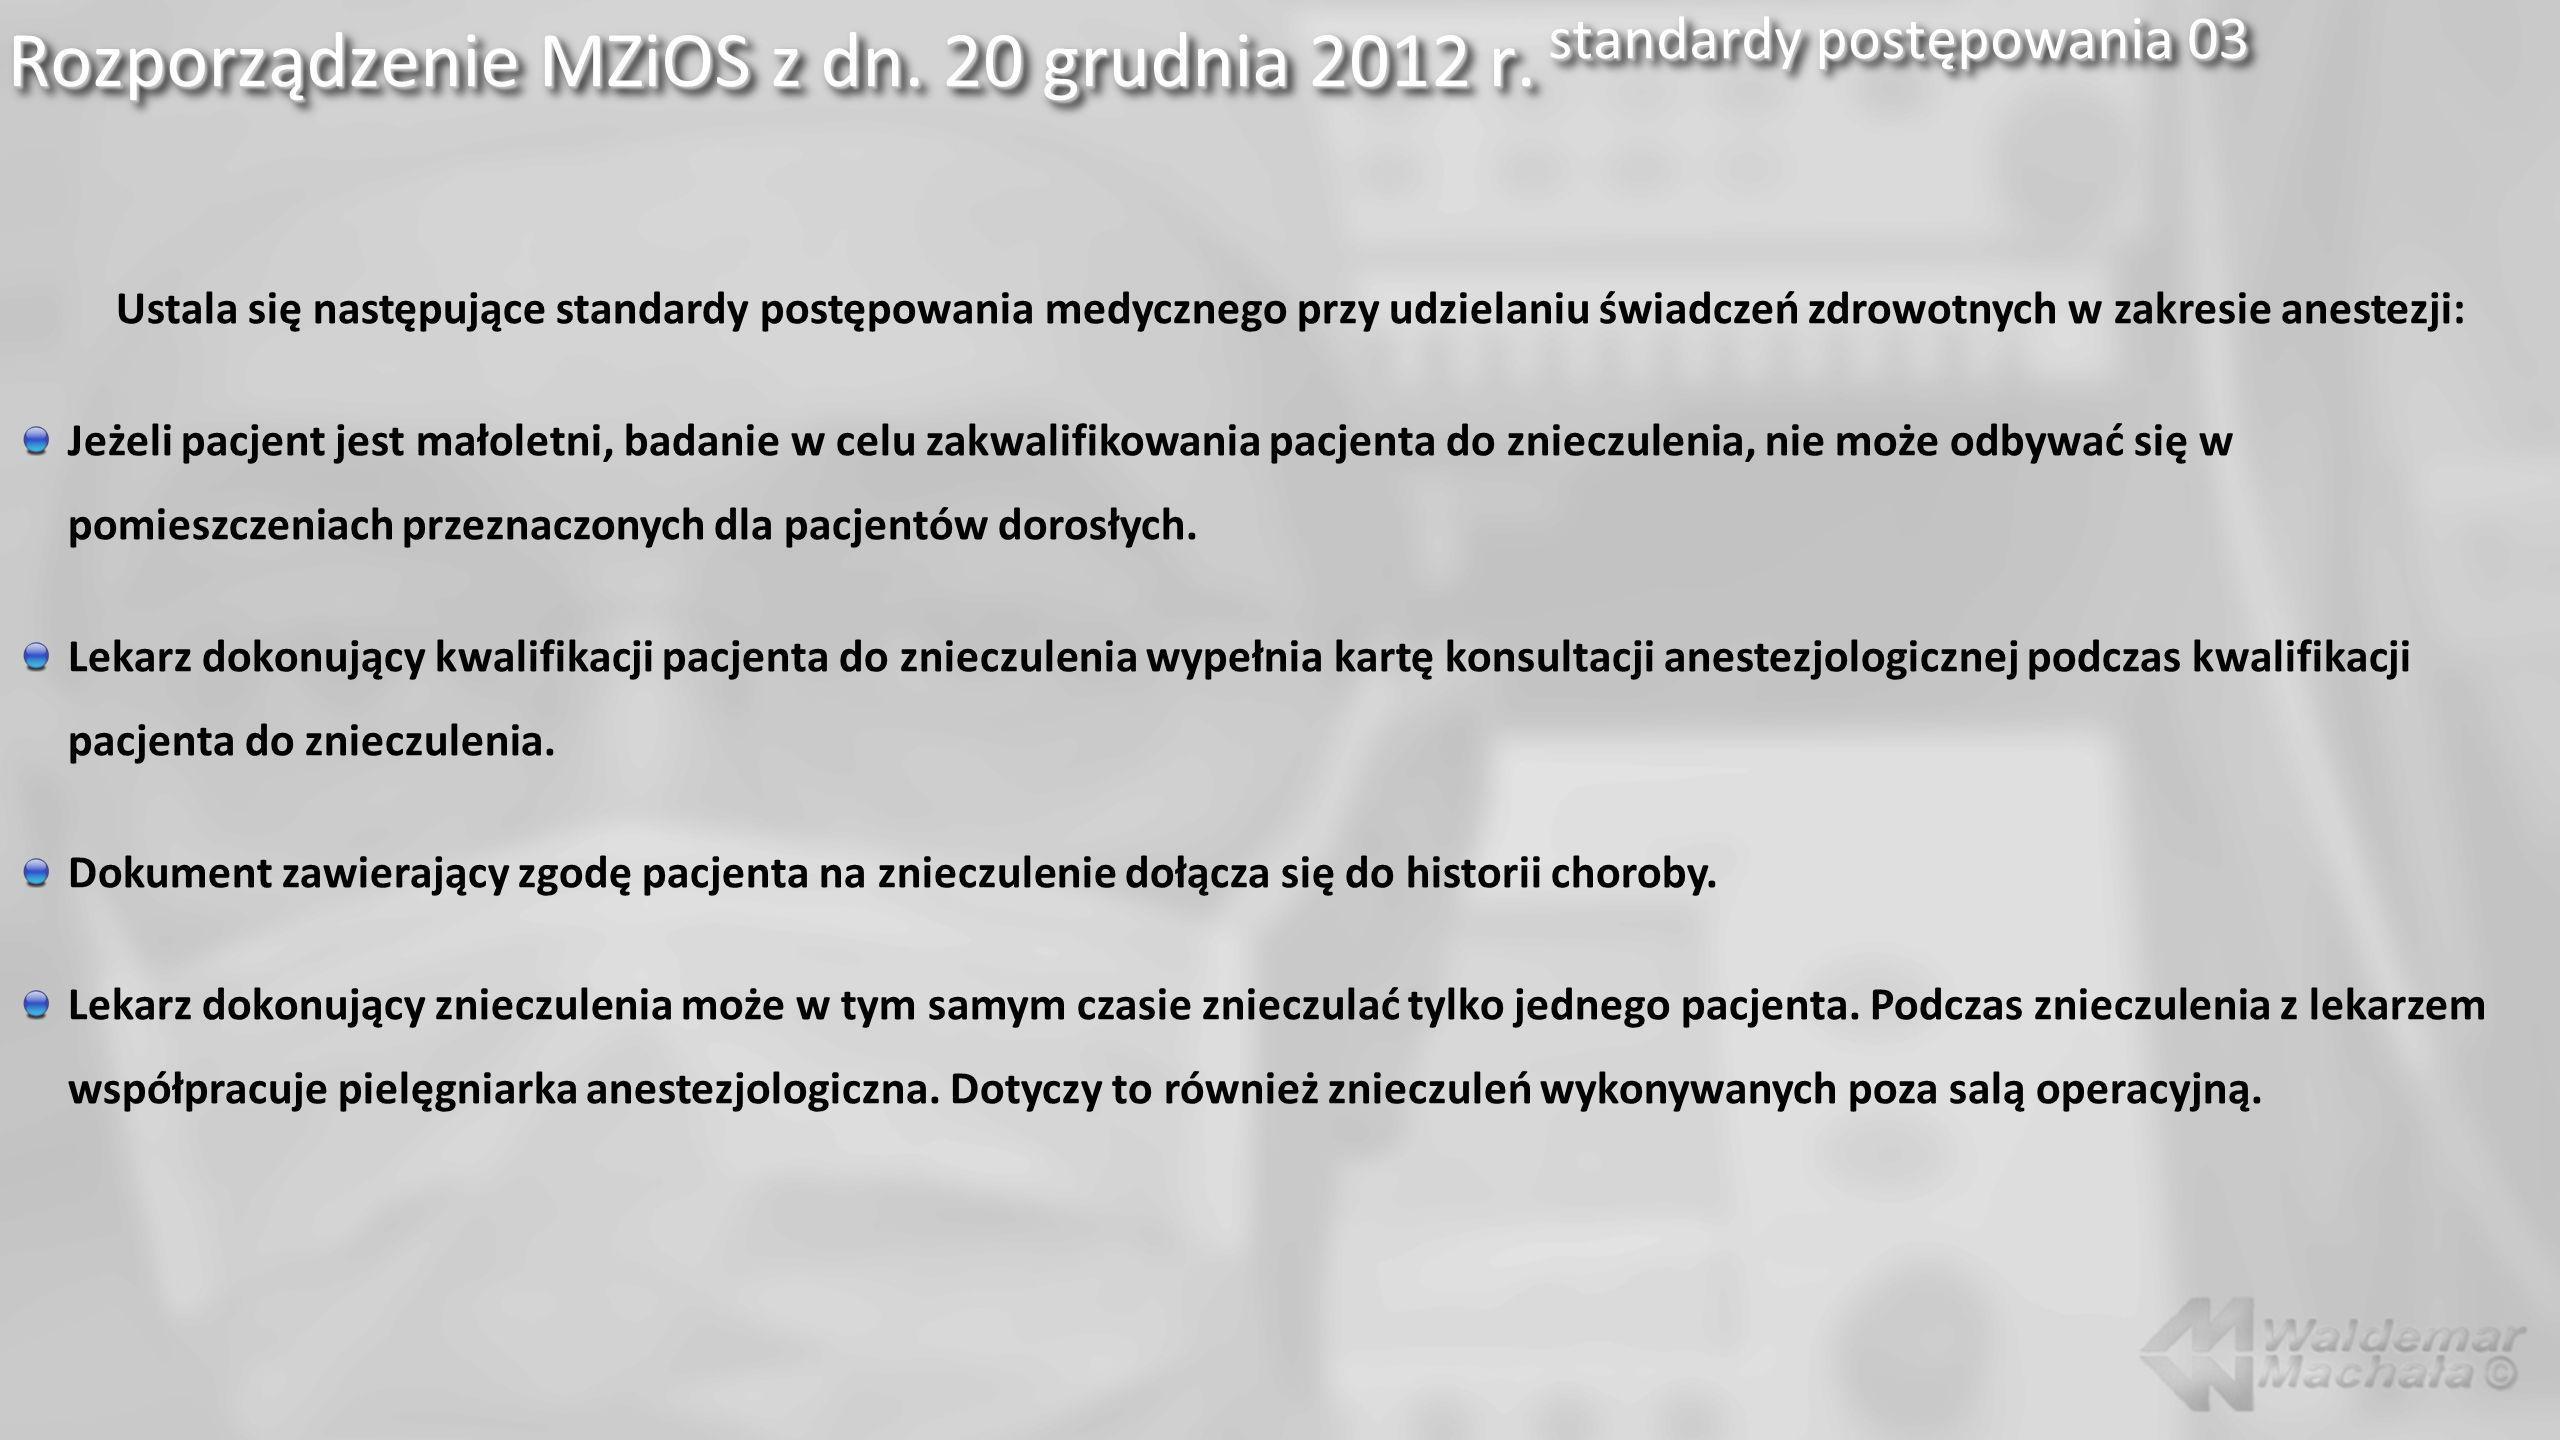 Rozporządzenie MZiOS z dn. 20 grudnia 2012 r. standardy postępowania 03 Ustala się następujące standardy postępowania medycznego przy udzielaniu świad